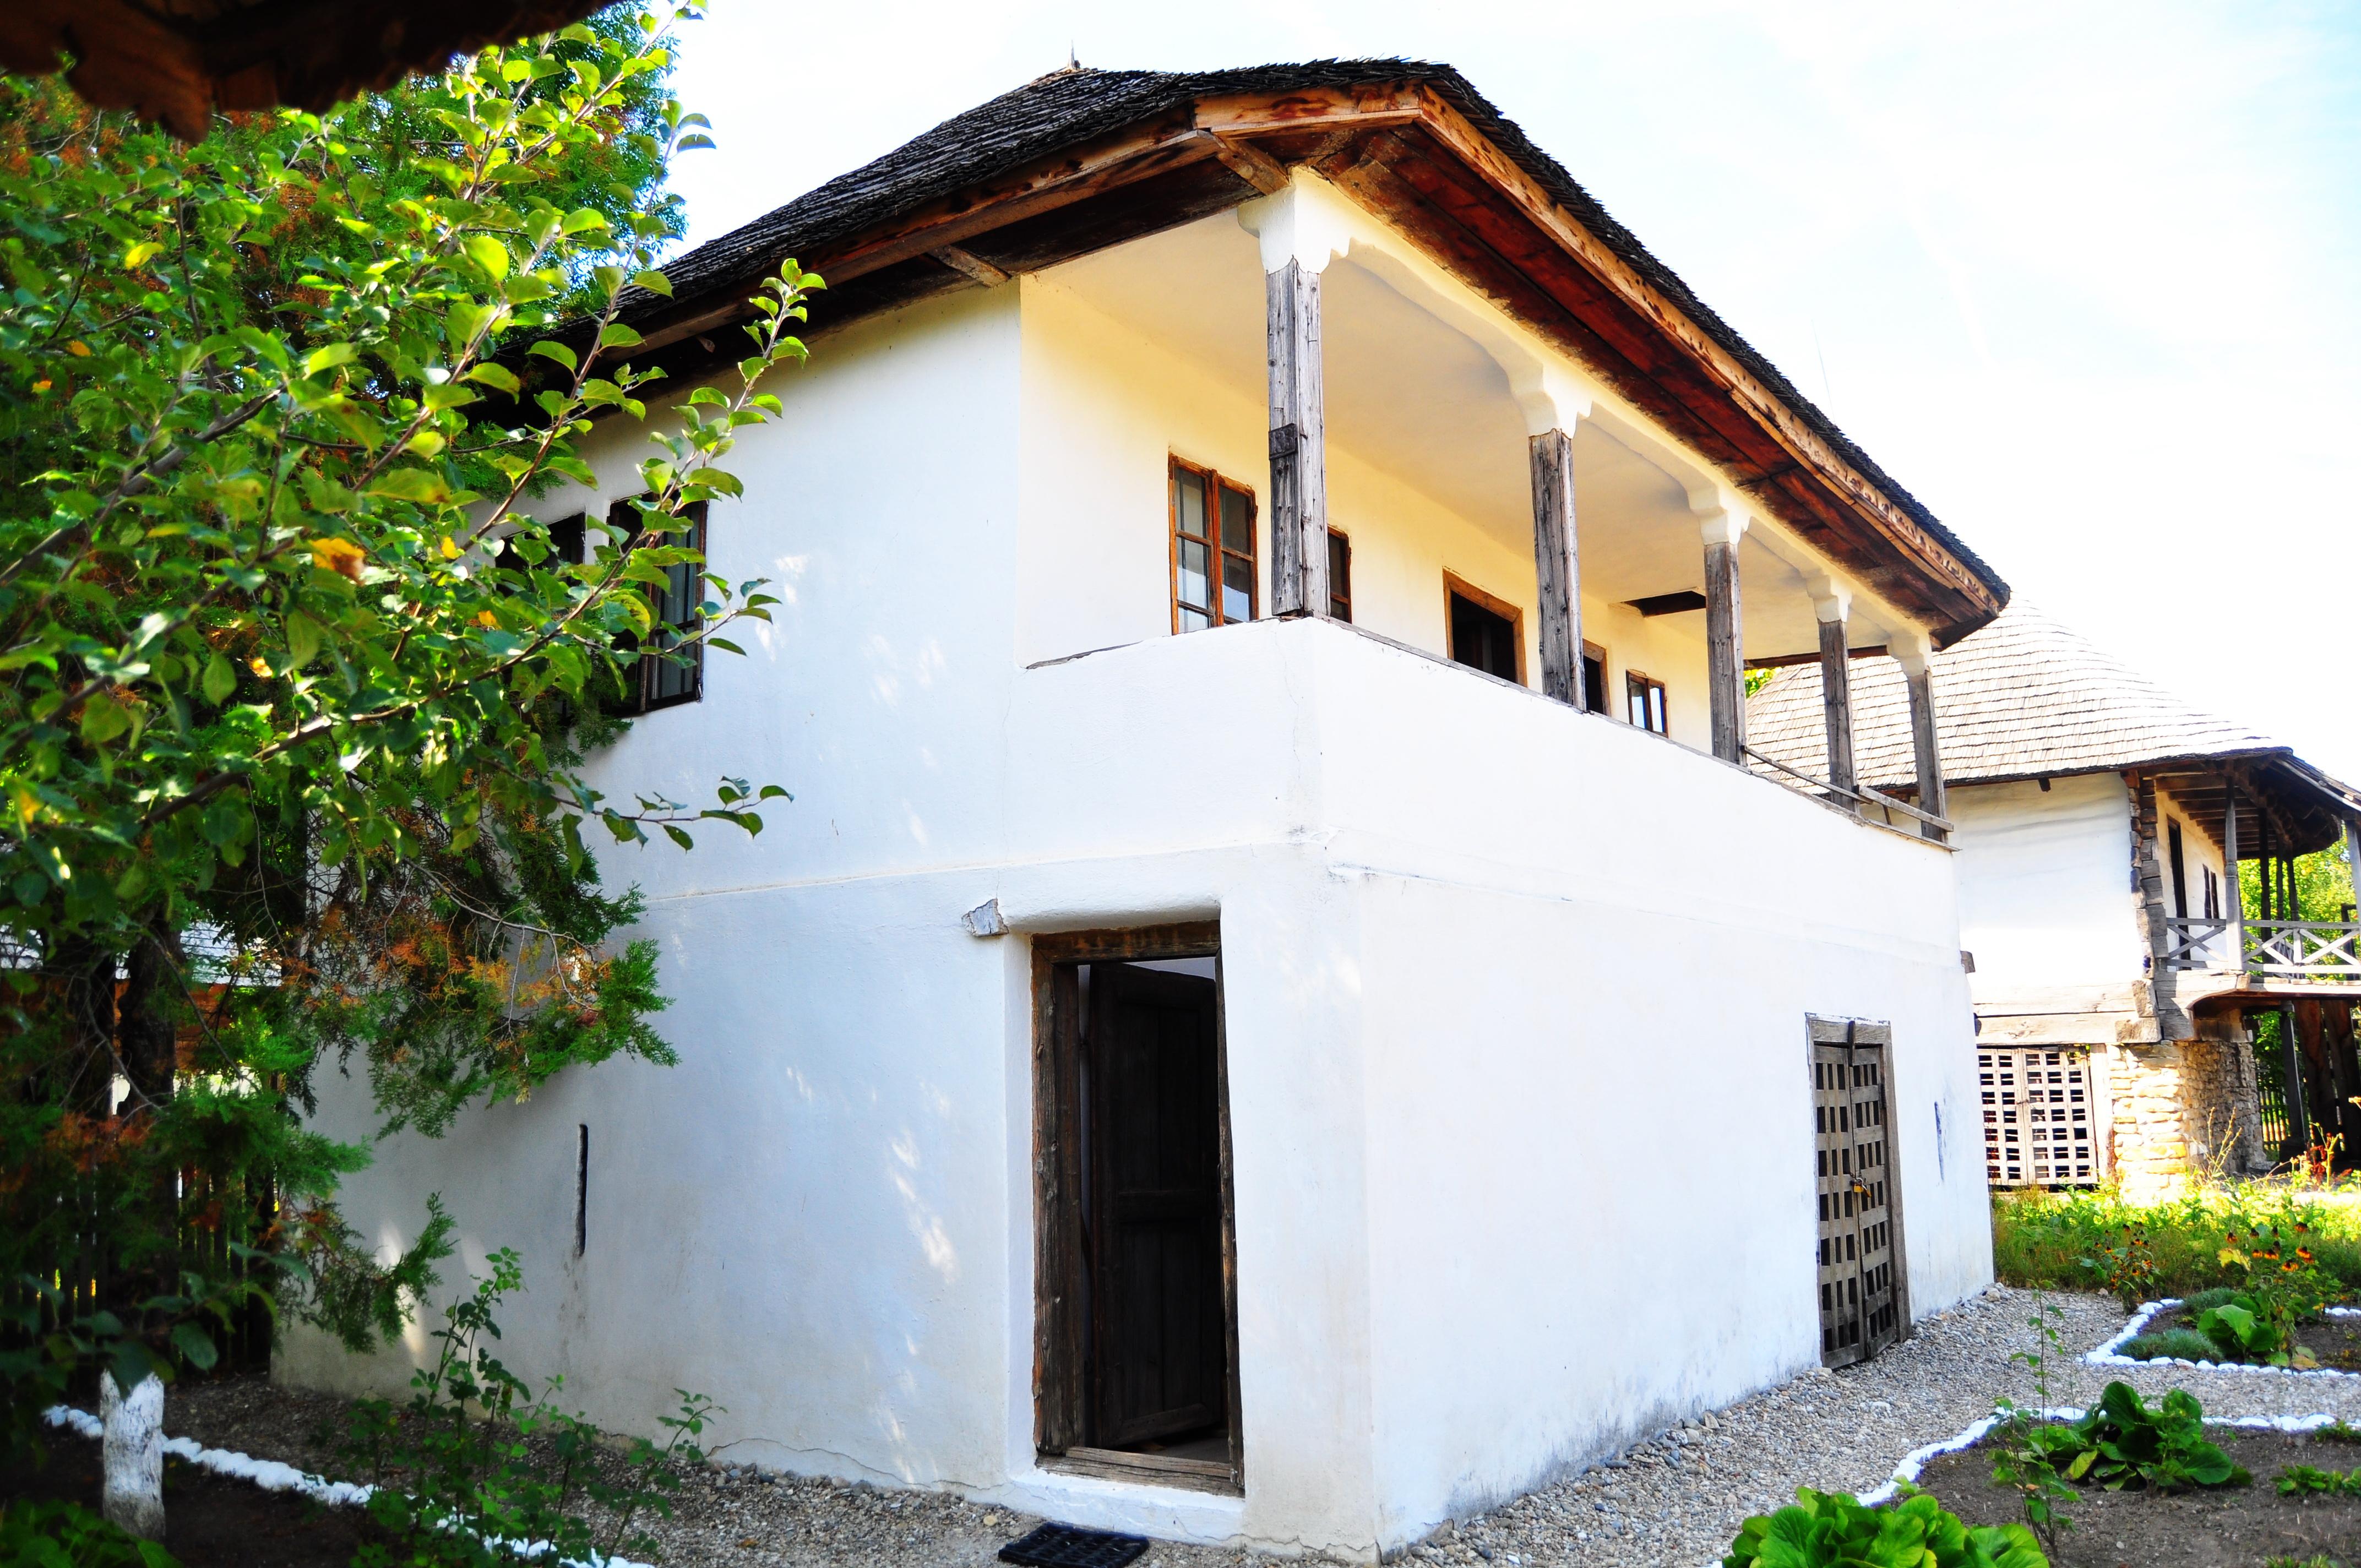 Muzeul Viticulturii şi Pomiculturii Goleşti